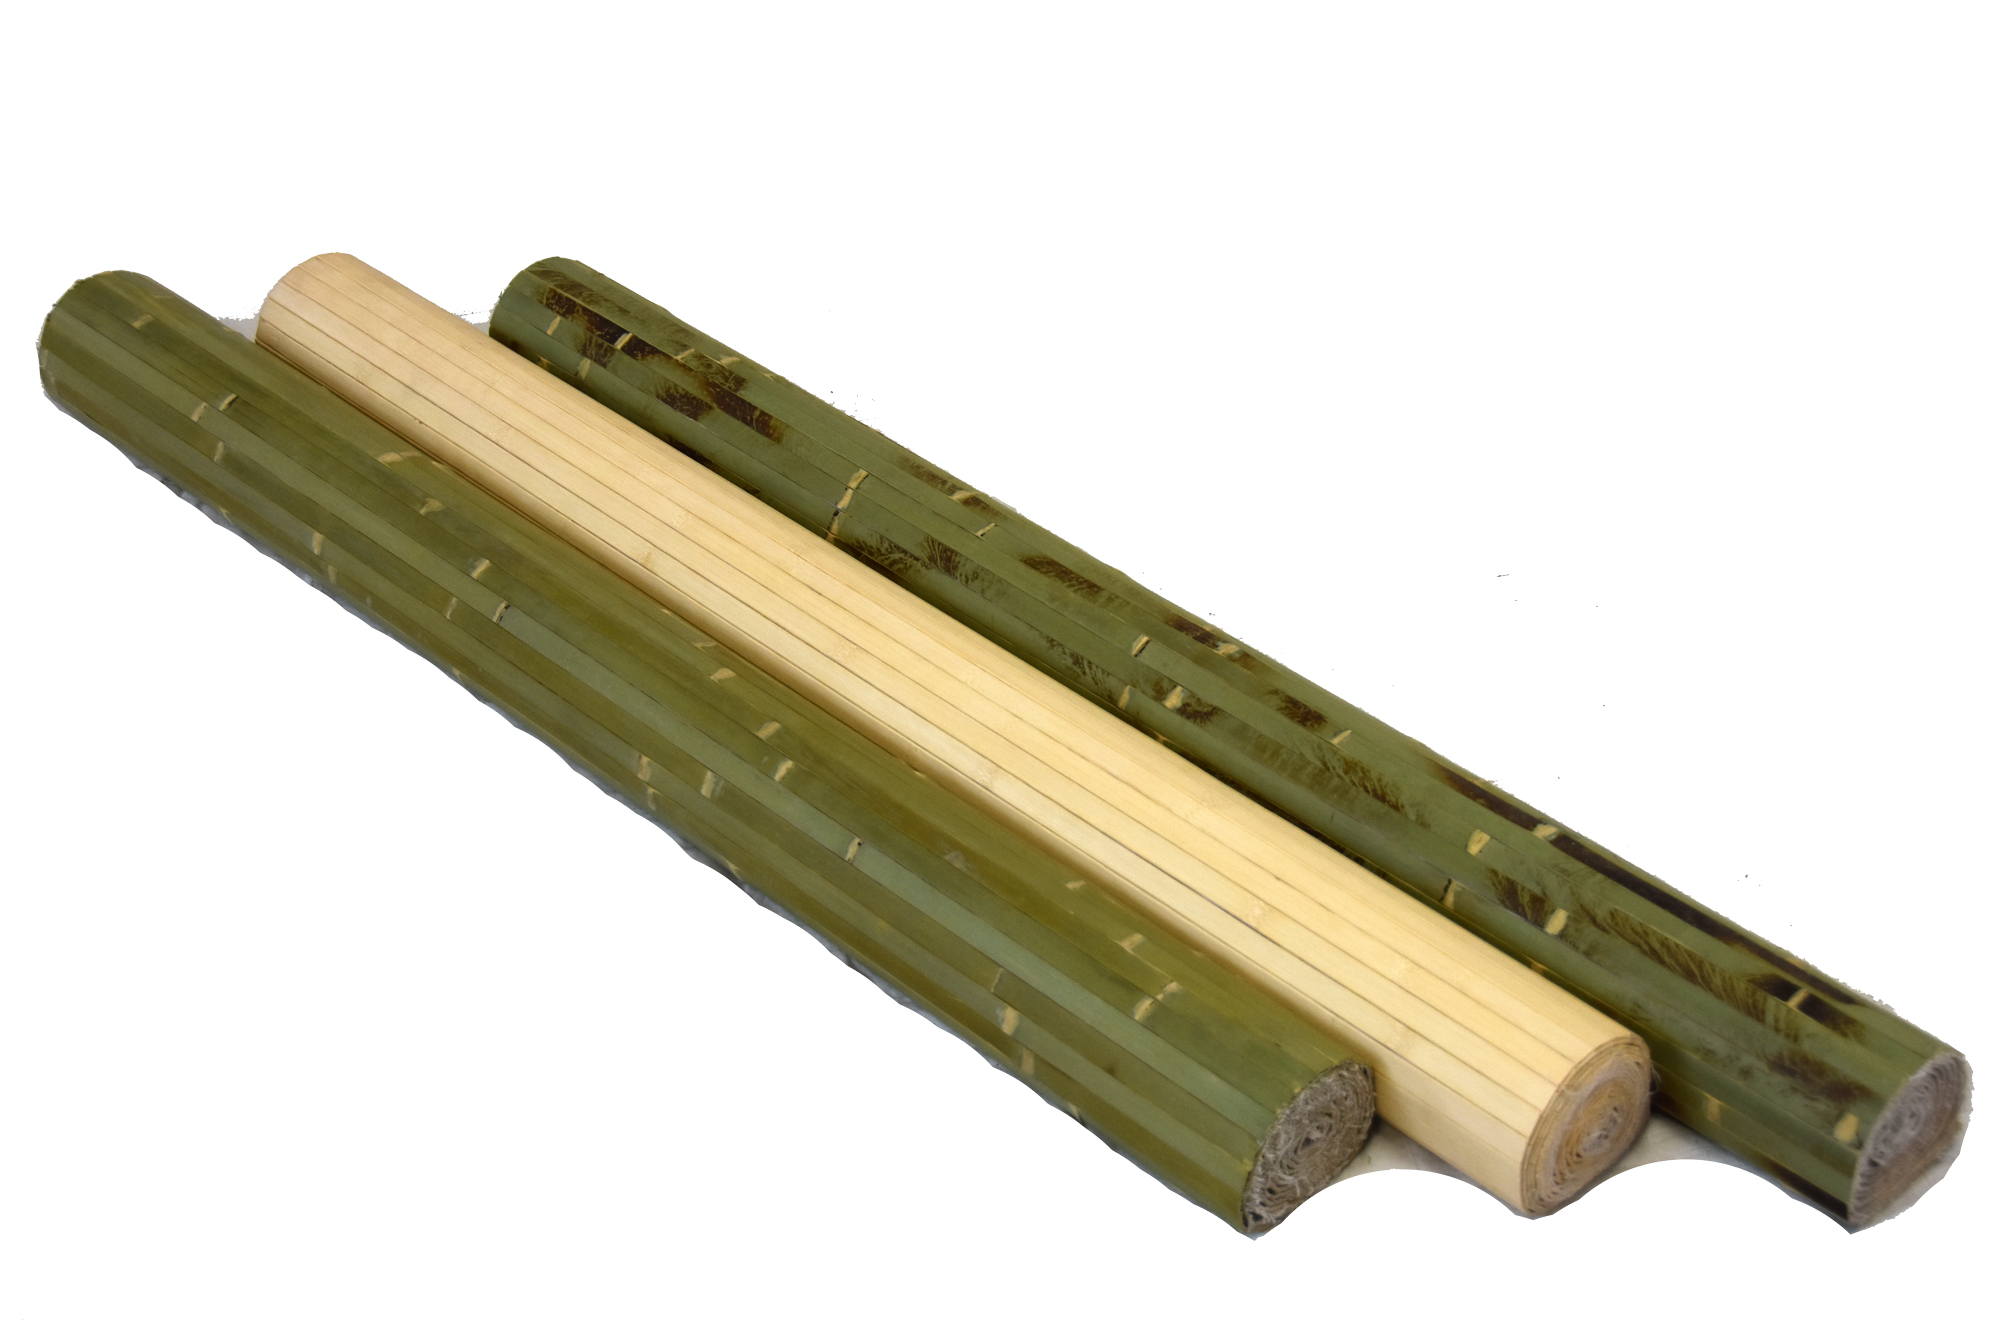 Bamboo Matting, 4' x 8' (Store pick up)